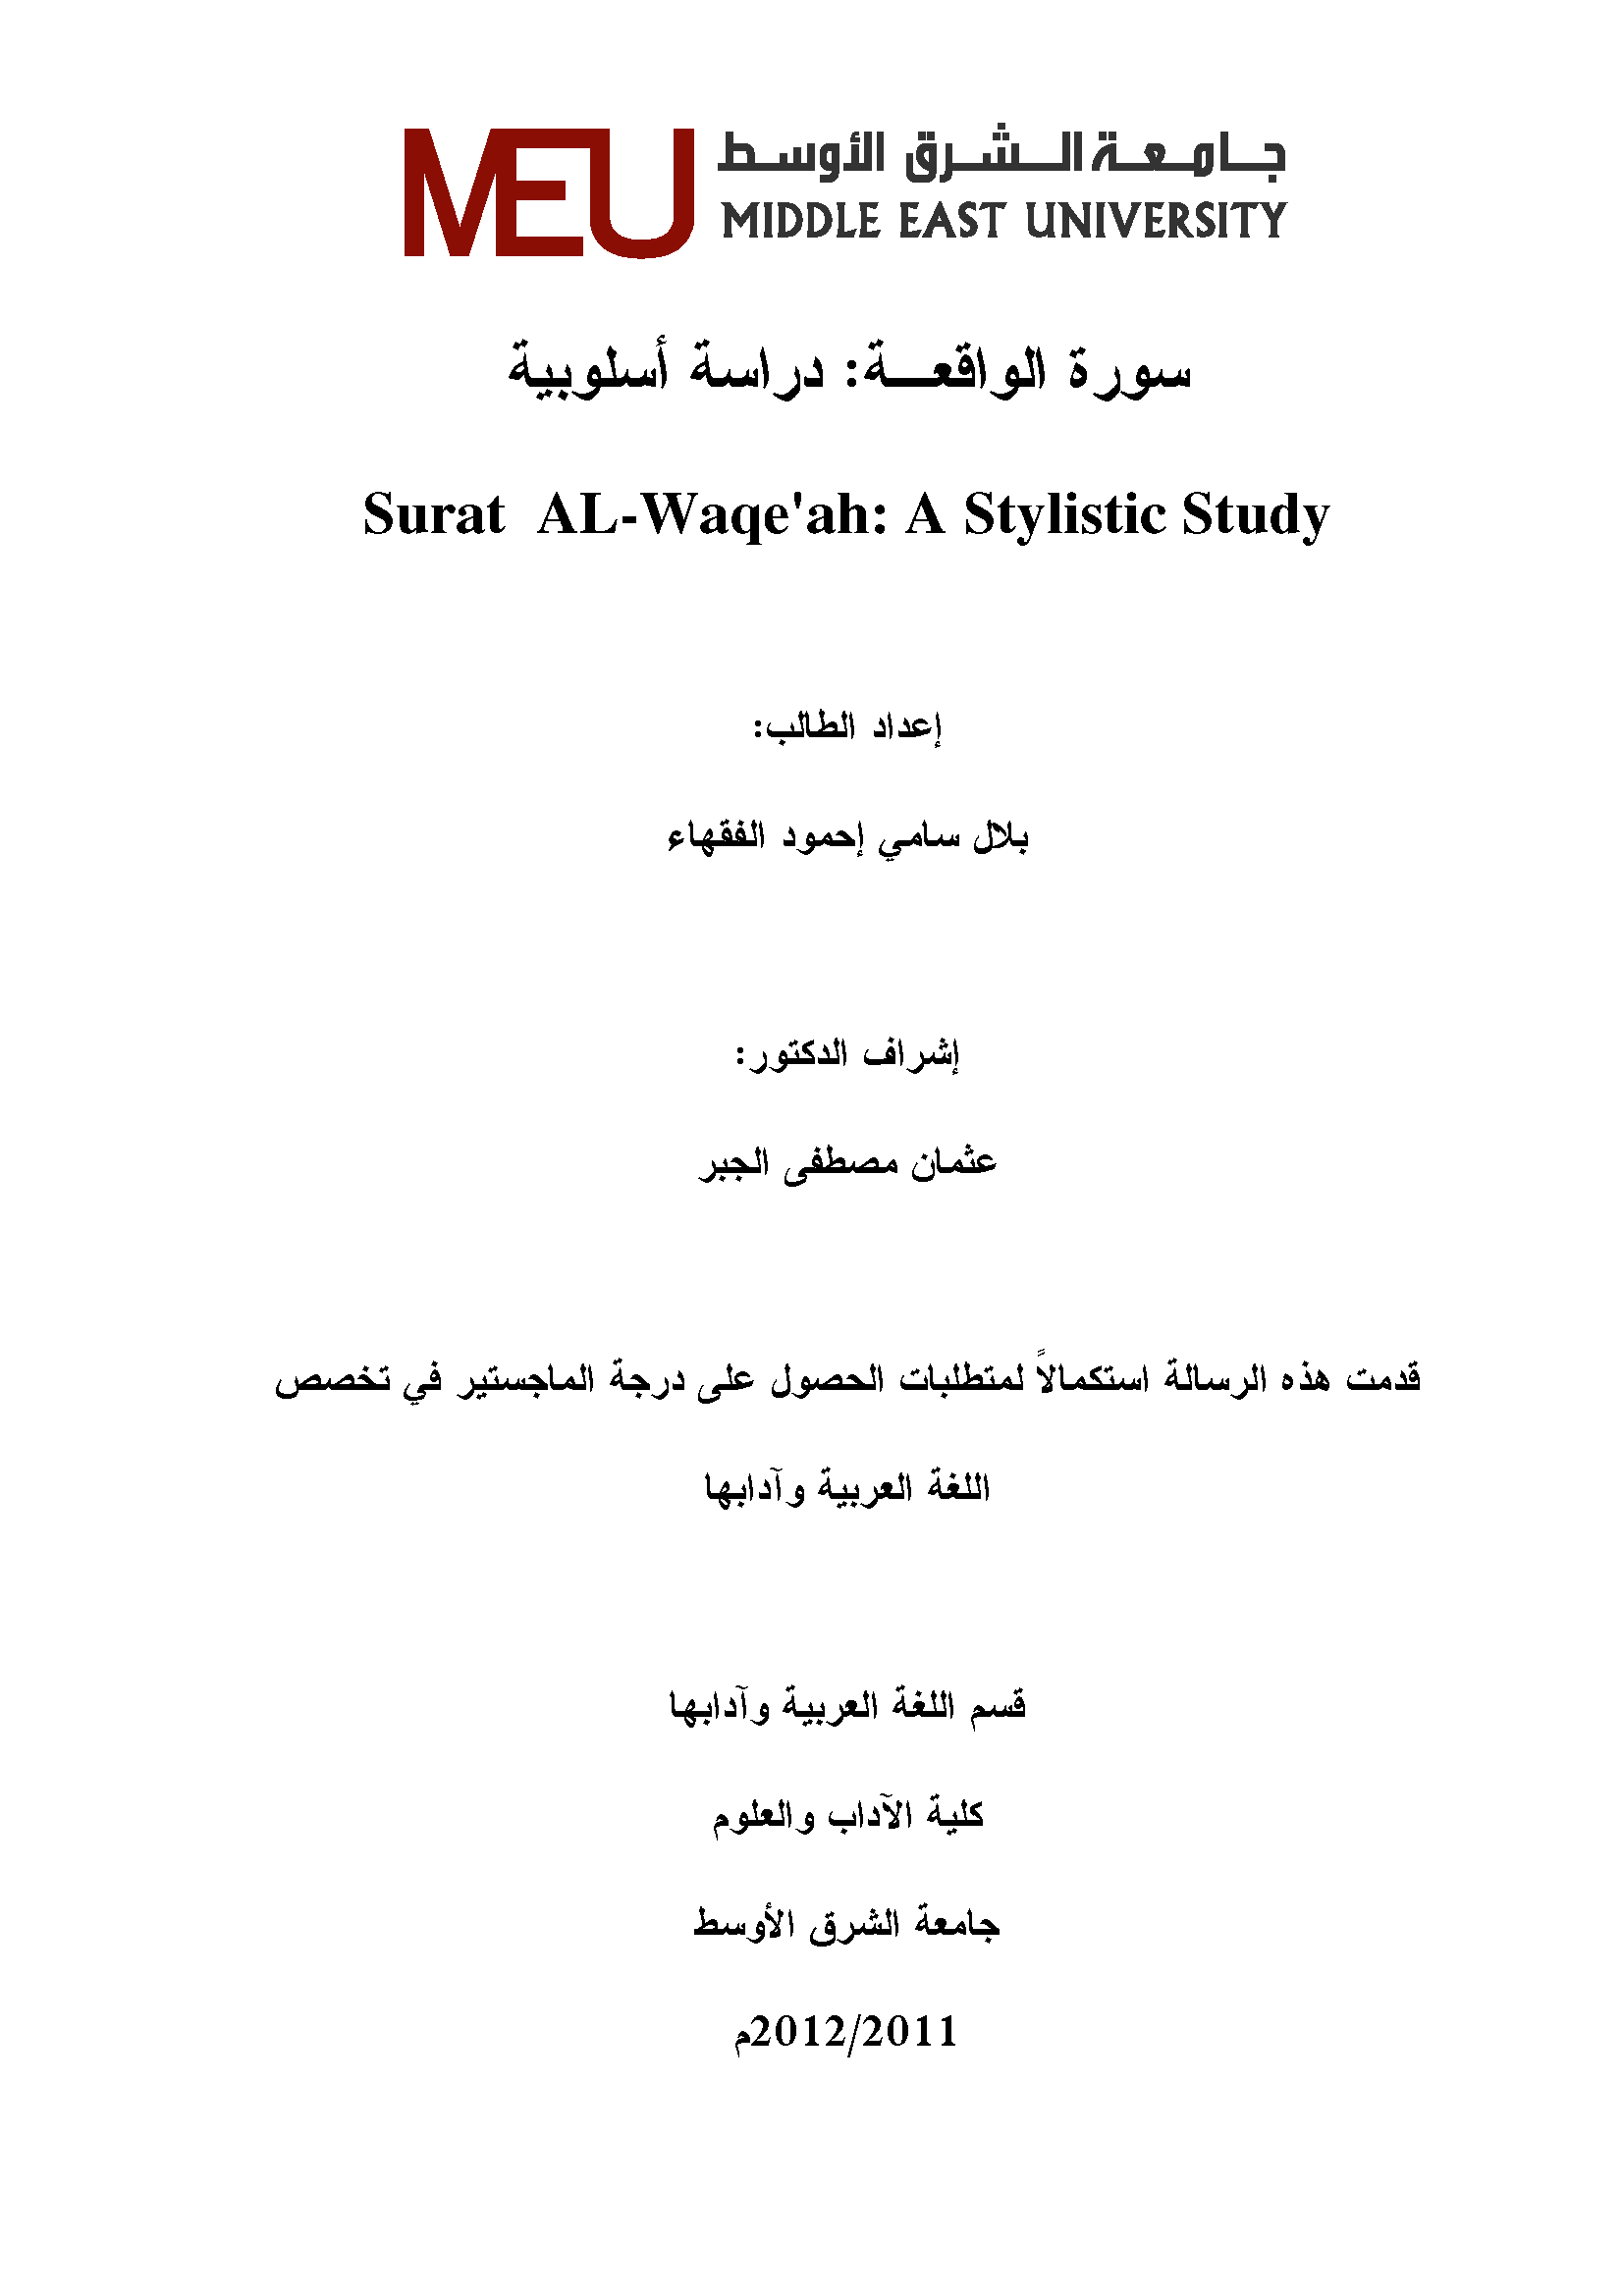 سورة الواقعة: دراسة أسلوبية - بلال سامي إحمود الفقهاء